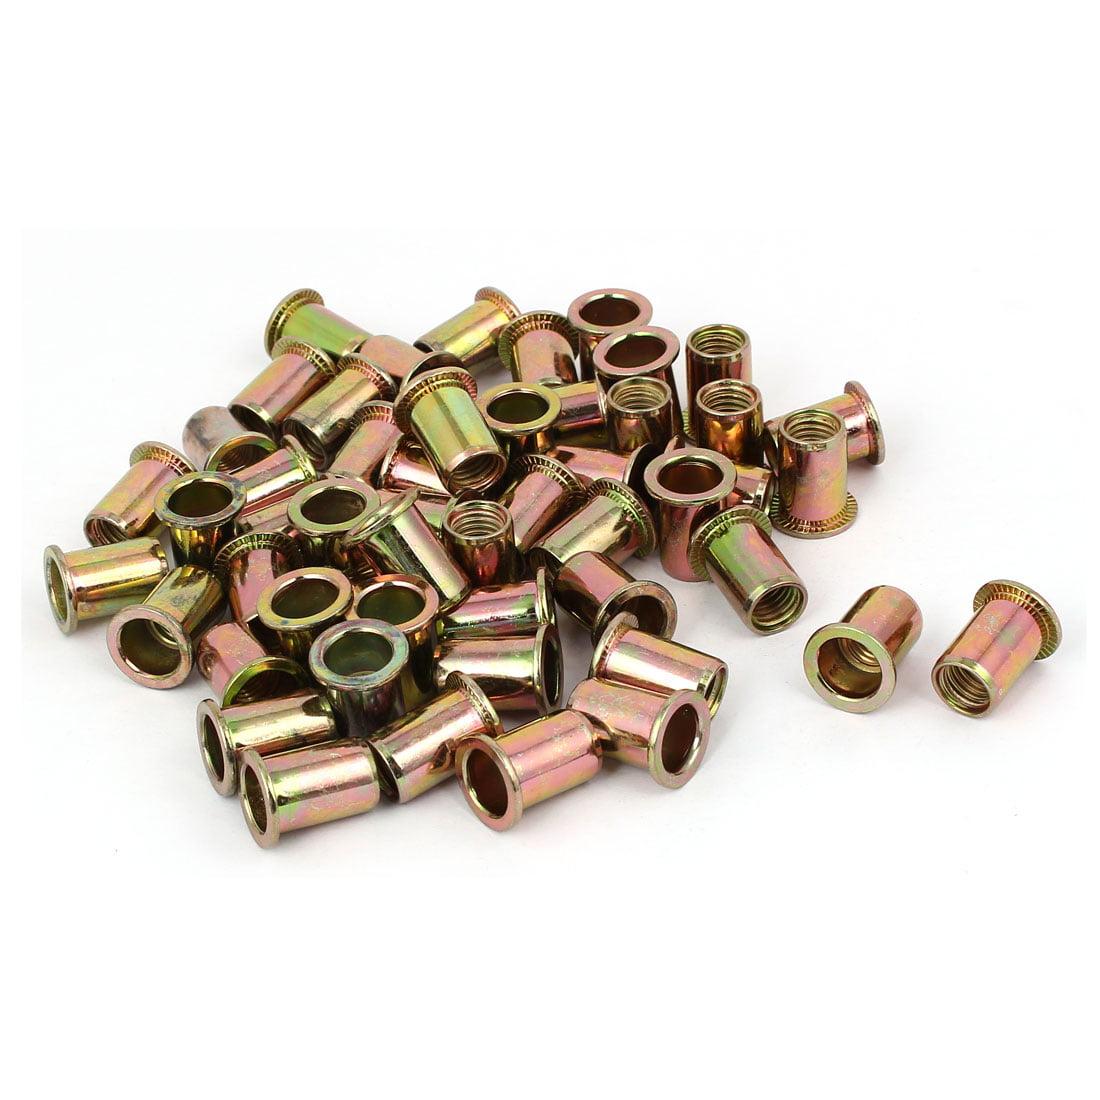 Uxcell M10 x 20mm Blind Rivet Nut Open End Embedded Insert Nutsert (50-pack)